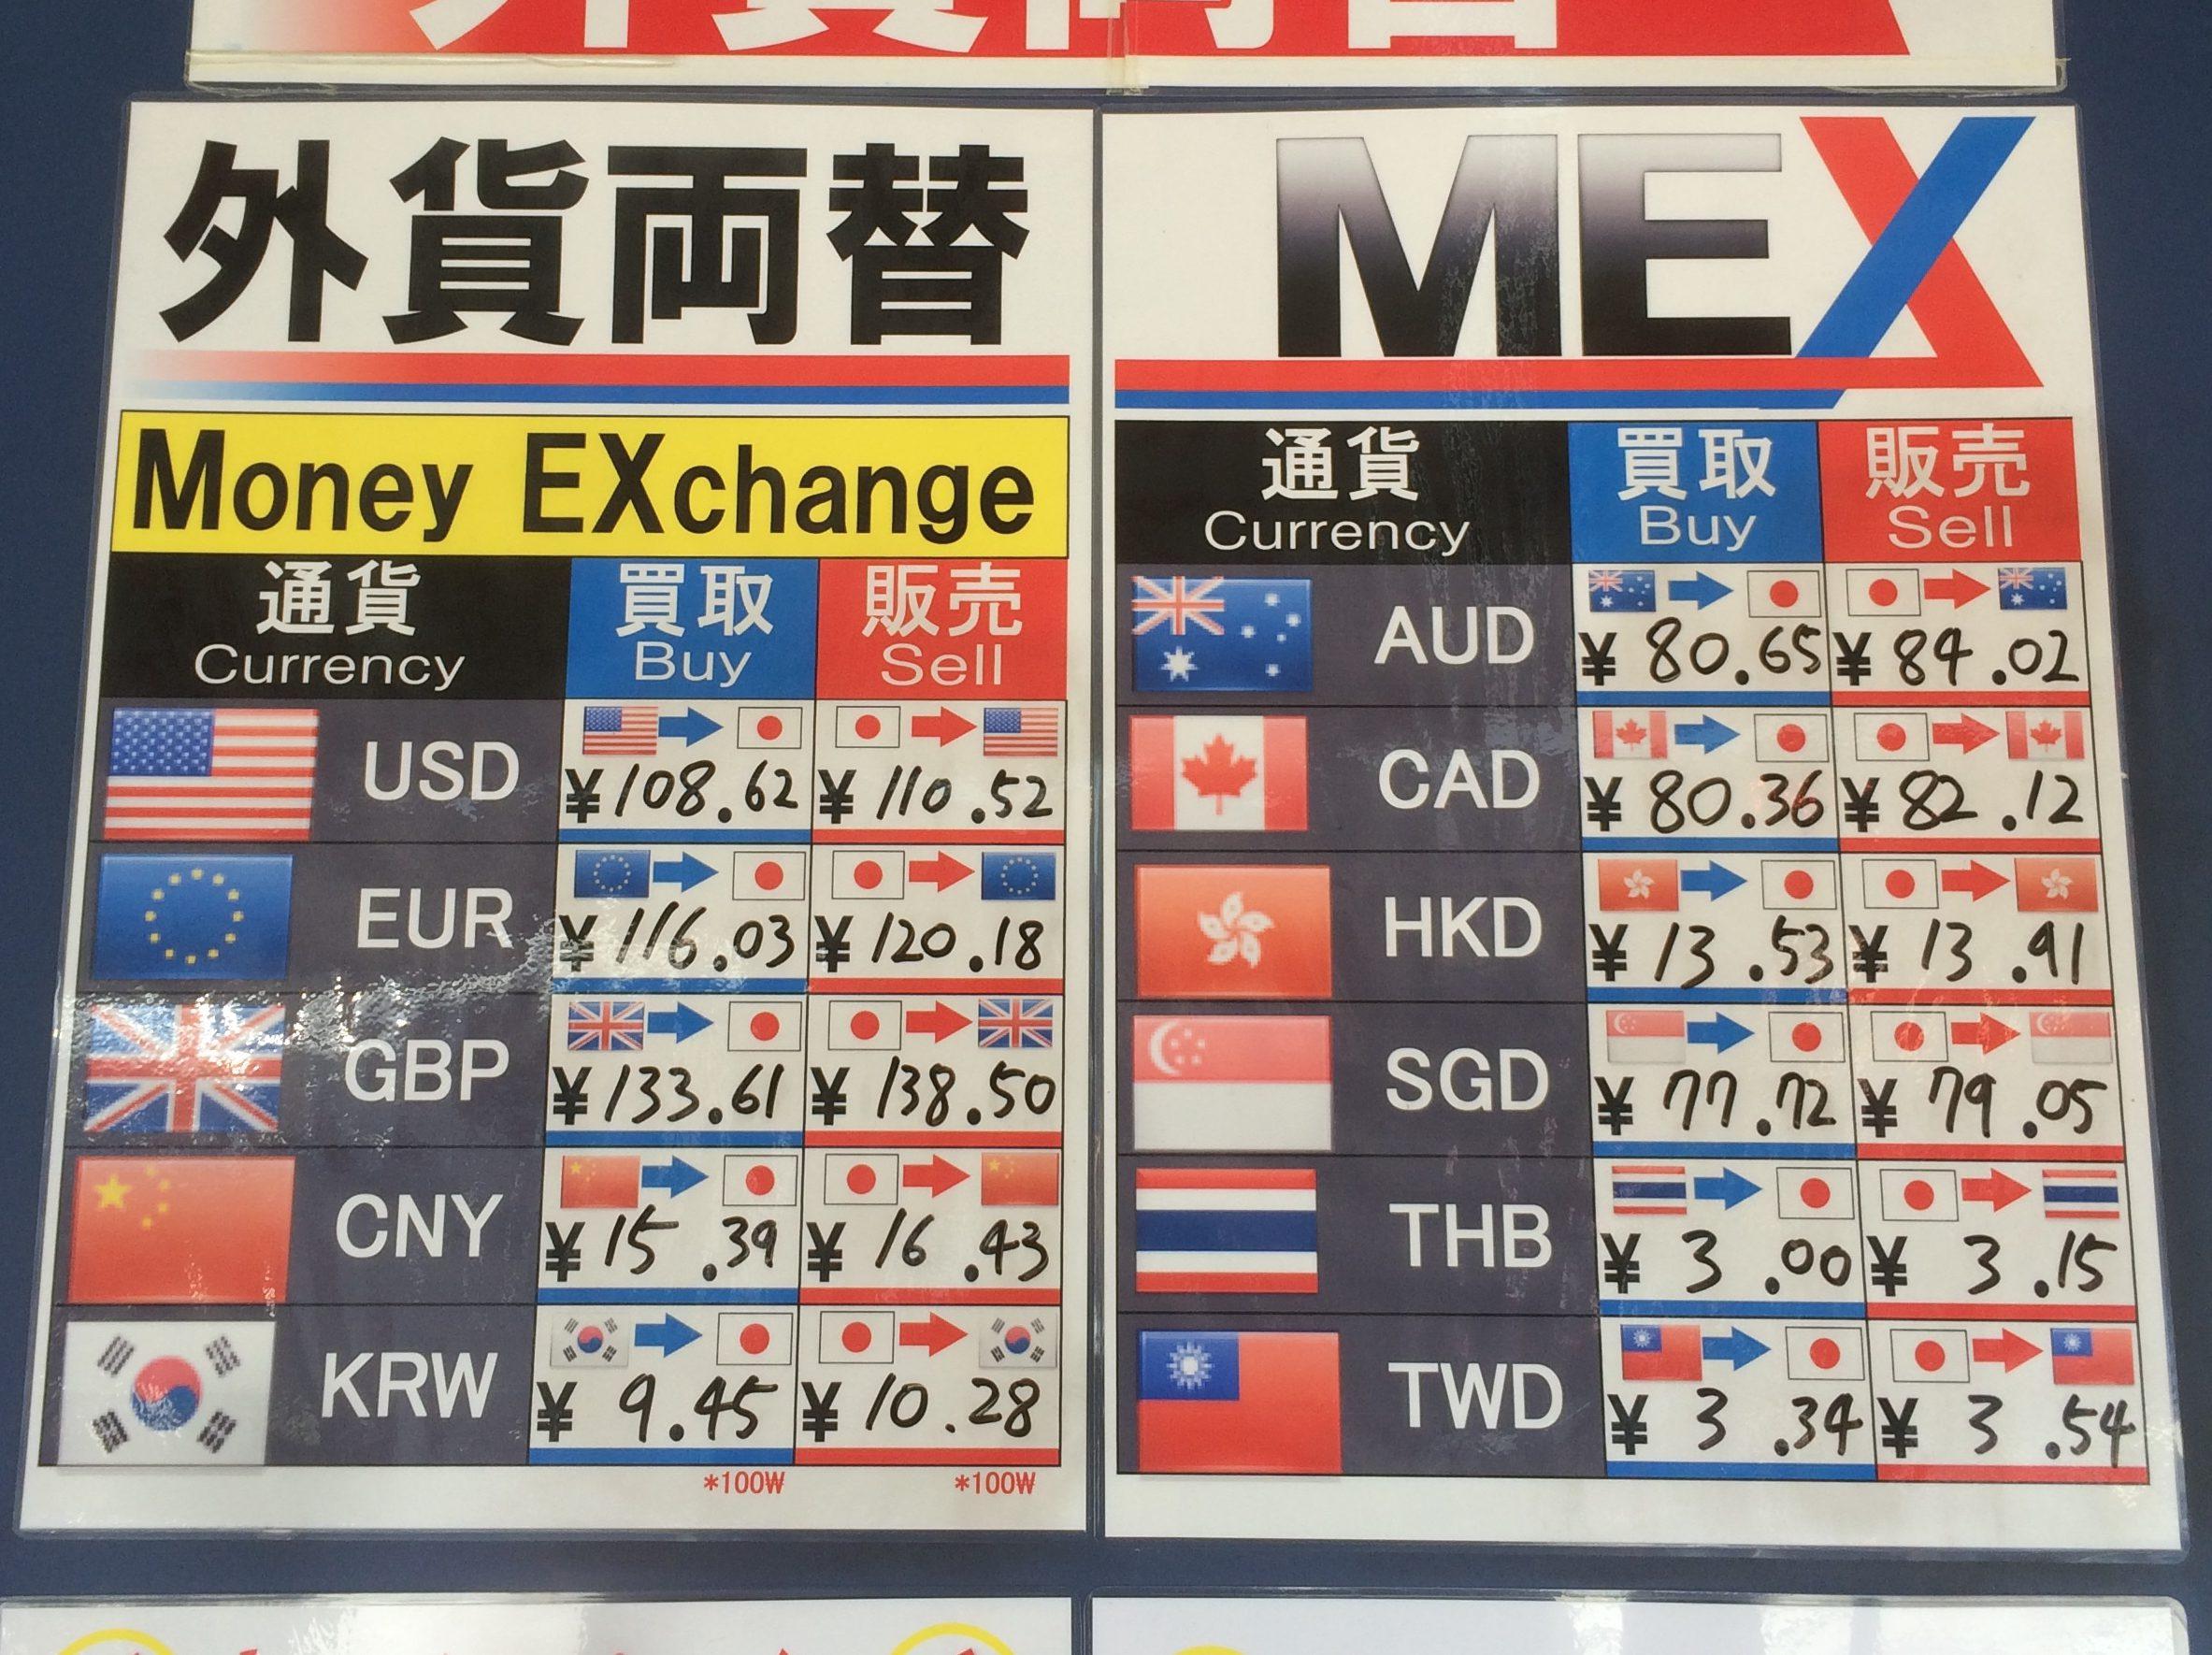 スマートエクスチェンジは日本での外貨両替